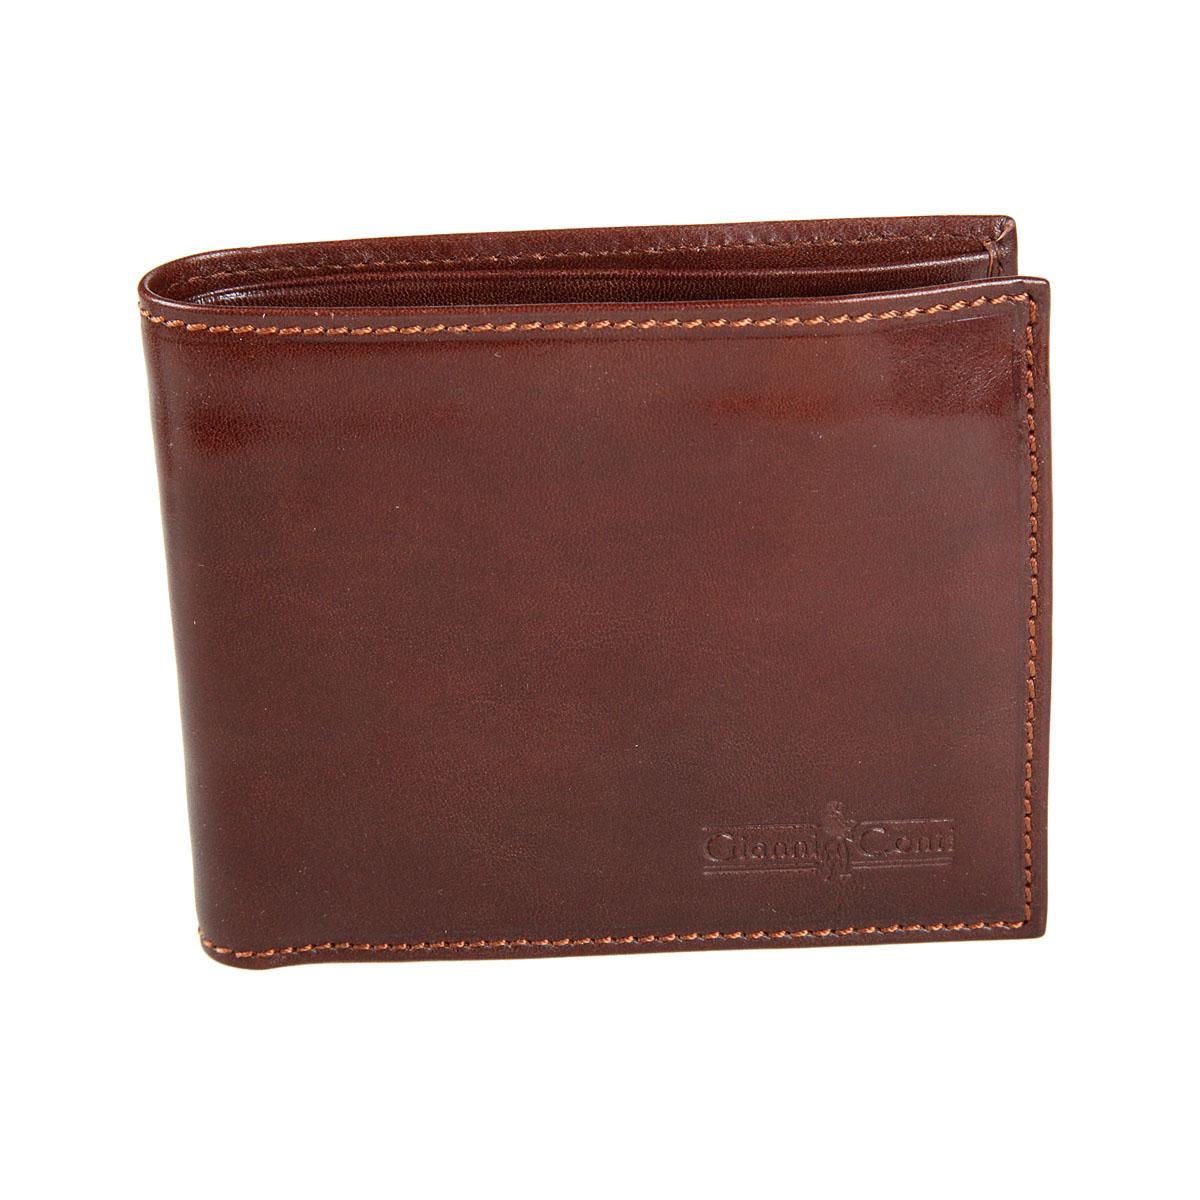 Портмоне мужское Gianni Conti, цвет: коричневый. 907023W16-11135_914Стильное мужское портмоне Gianni Conti выполнено из натуральной кожи. Лицевая сторона оформлена тиснением в виде названия бренда производителя.Изделие раскладывается пополам. Внутри имеется два отделения для купюр, четыре потайных кармана, карман для мелочи на кнопке, семь кармашков для визиток и пластиковых карт и сетчатый карман. Портмоне упаковано в фирменную картонную коробку. Оригинальное портмоне подчеркнет вашу индивидуальность и изысканный вкус, а также станет замечательным подарком человеку, ценящему качественные и практичные вещи.